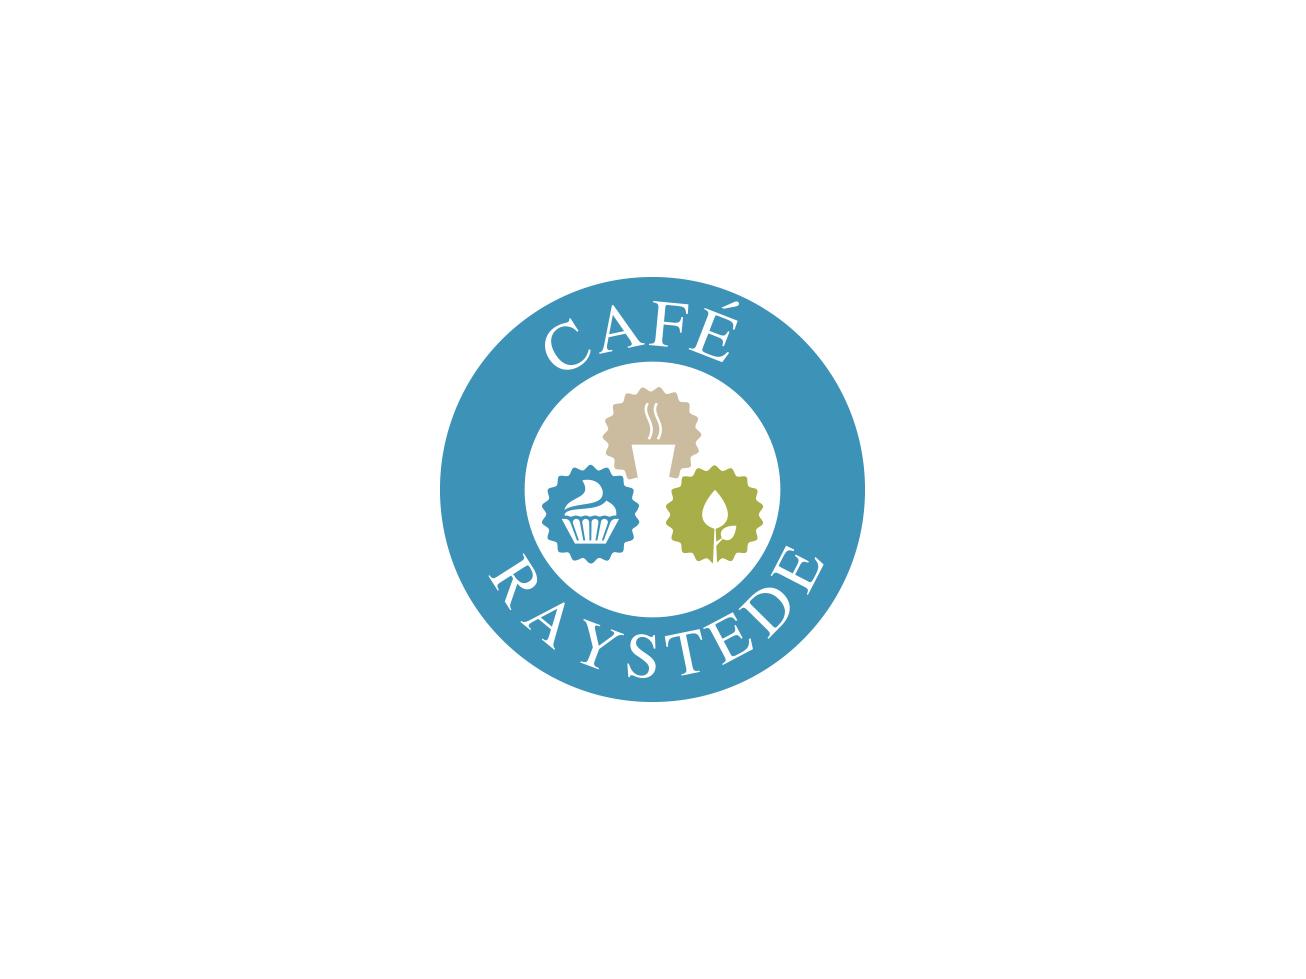 Cafe Raystede Logo